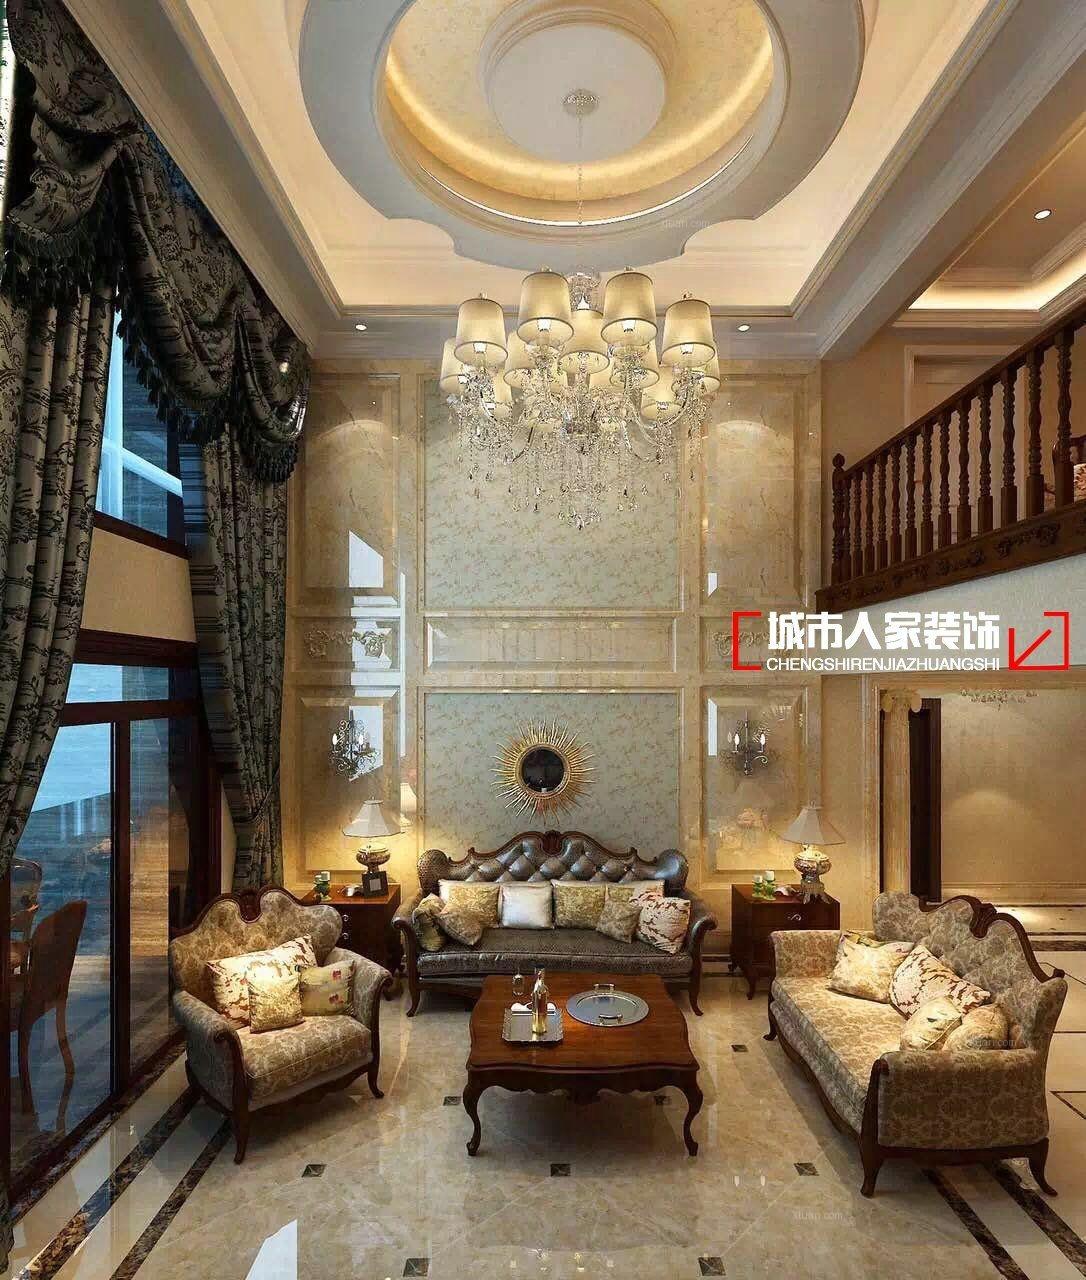 别墅欧式风格客厅_简欧风格别墅设计装修效果图-x团图片